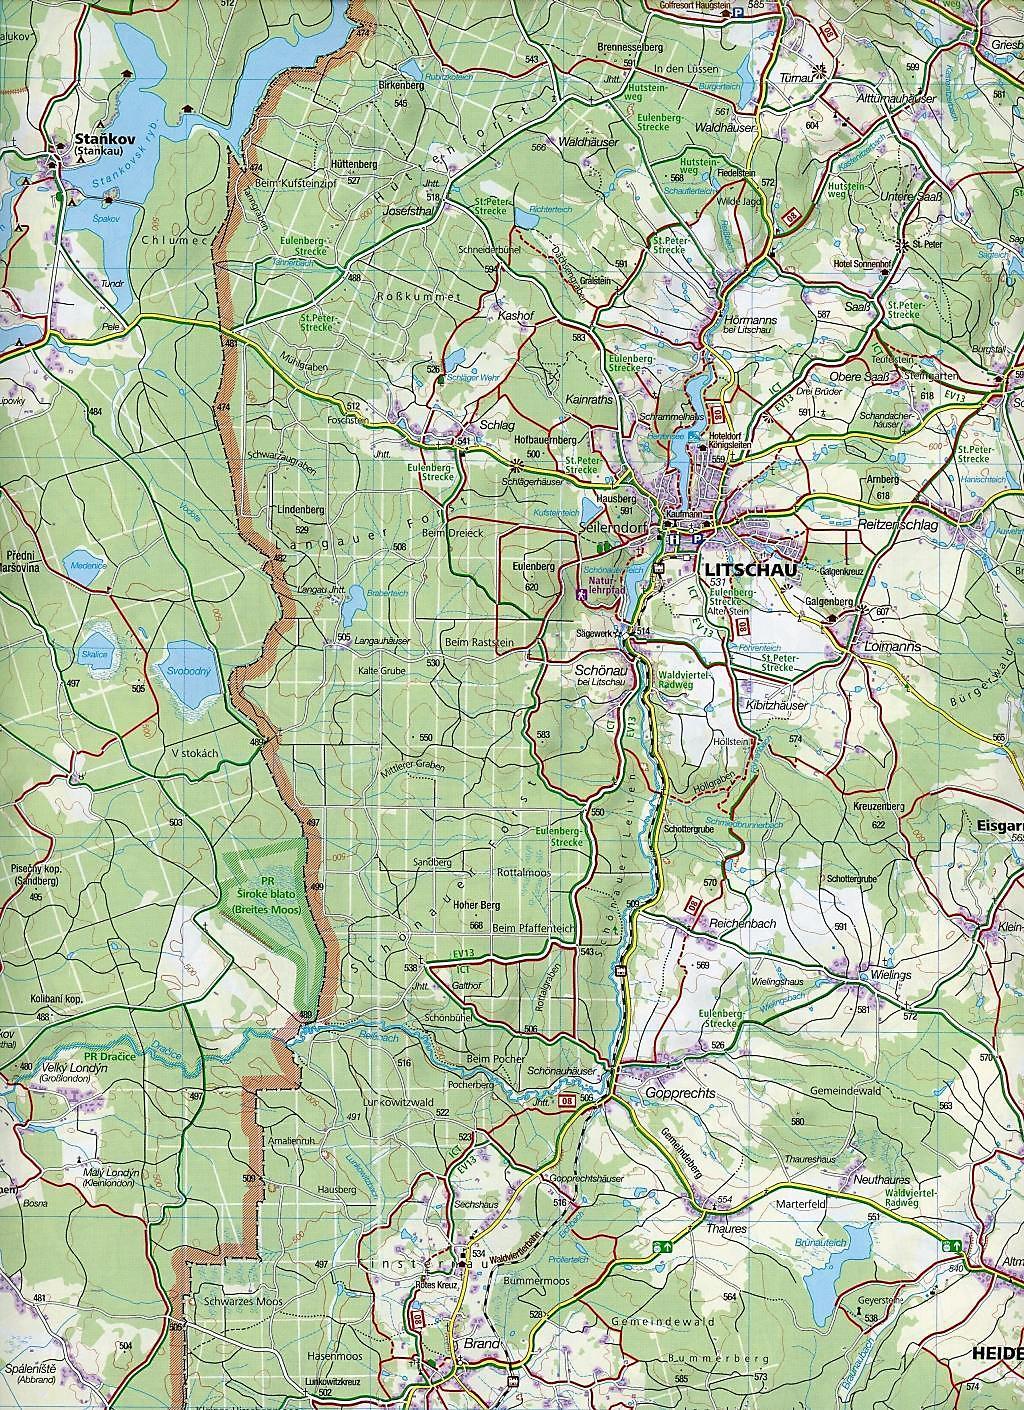 Wachau Karte.Kompass Karte Waldviertel Kamptal Wachau 2 Bl Buch Portofrei